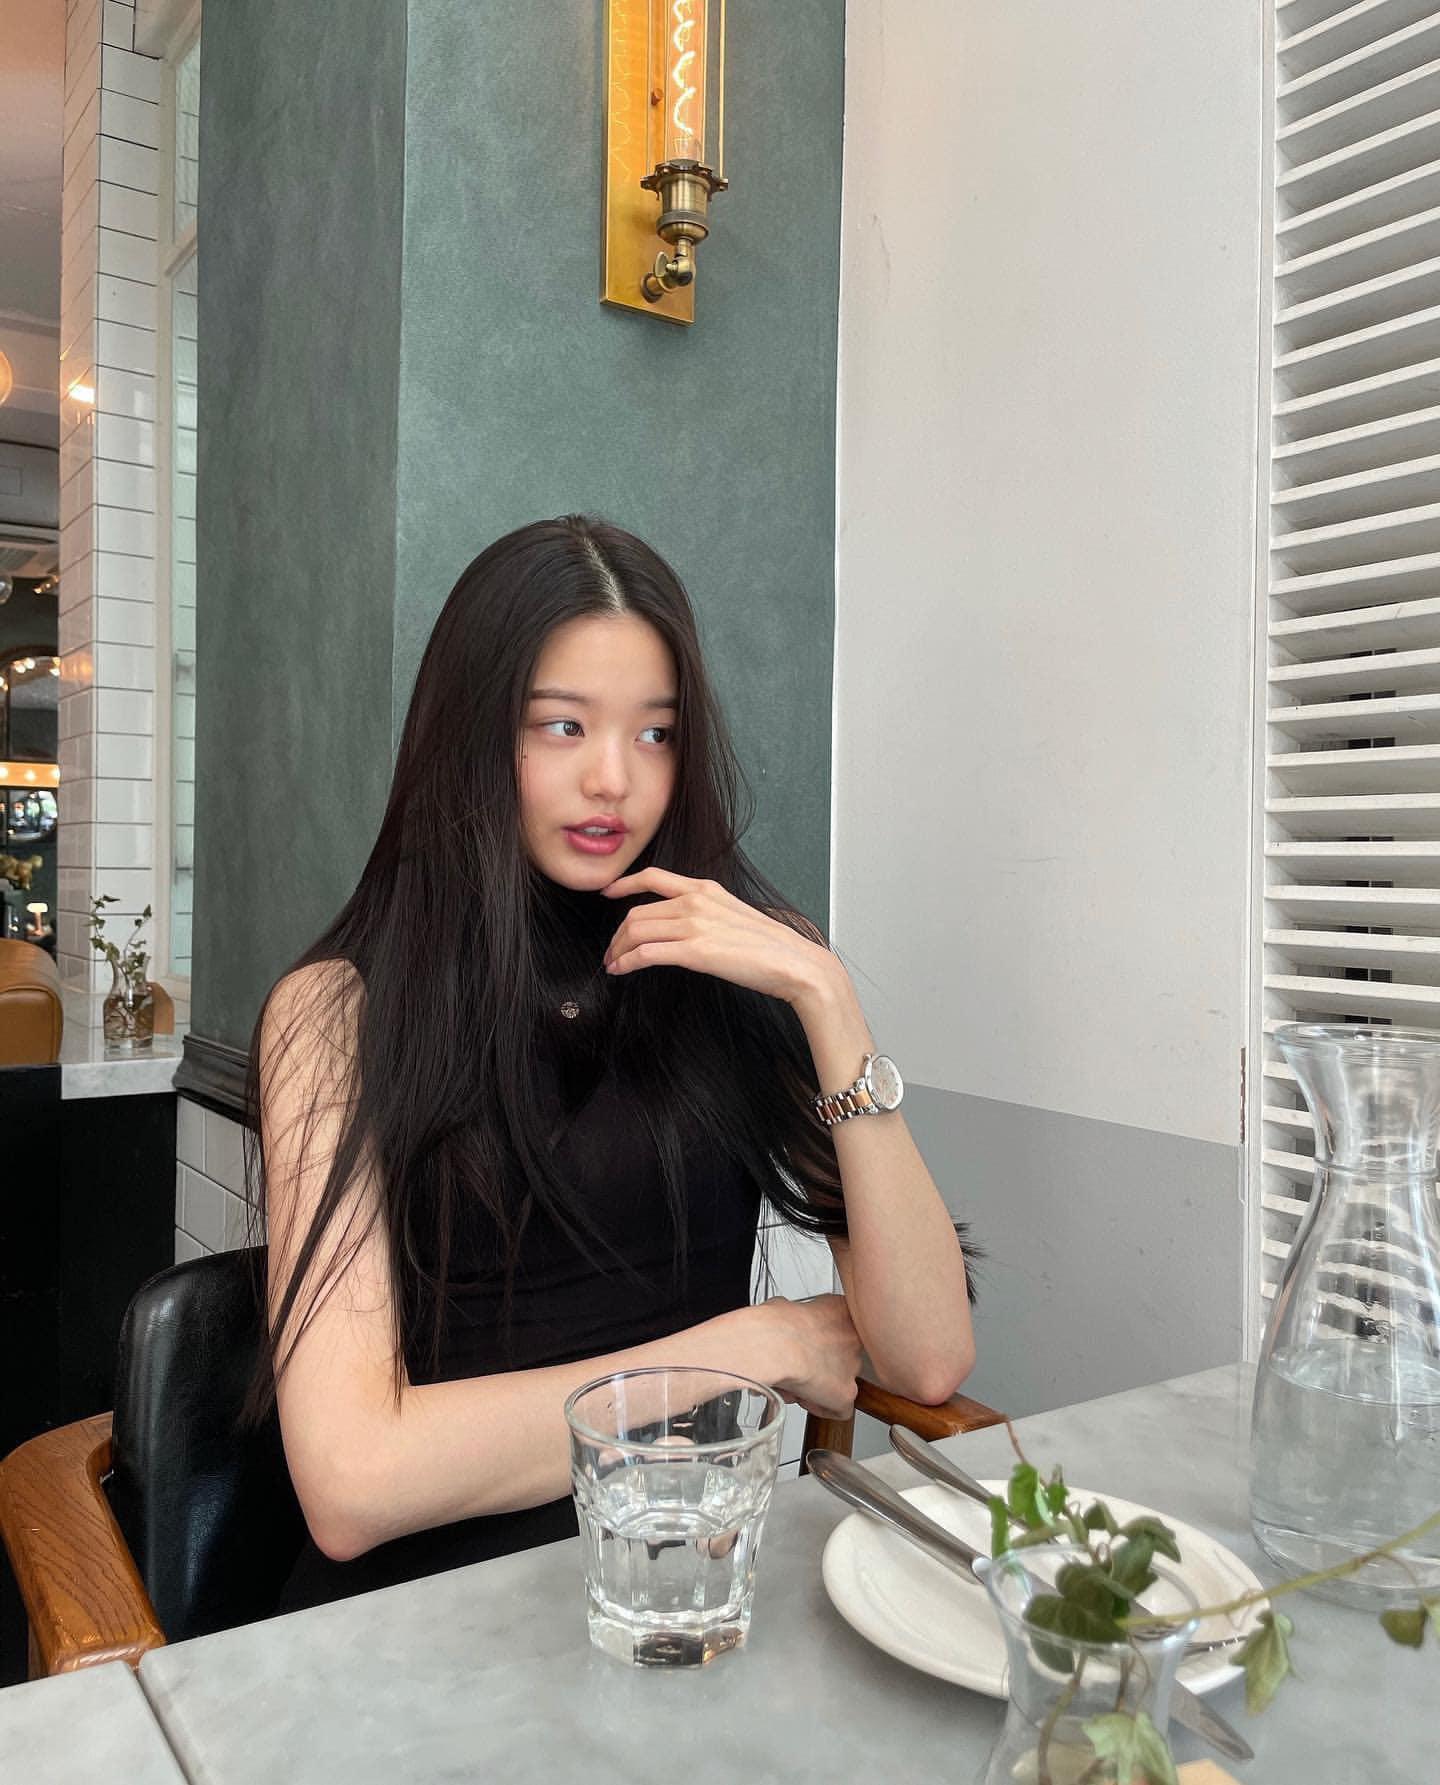 Cô nàng cũng đổi make up, không kẻ mắt mà chú trọng vào đôi môi căng mọng đầy gợi cảm. Hình ảnh mới của Jang Won Young gây ra nhiều ý kiến trái chiều, người khen đẳng cấp, người chê là chín ép già dặn quá tuổi.